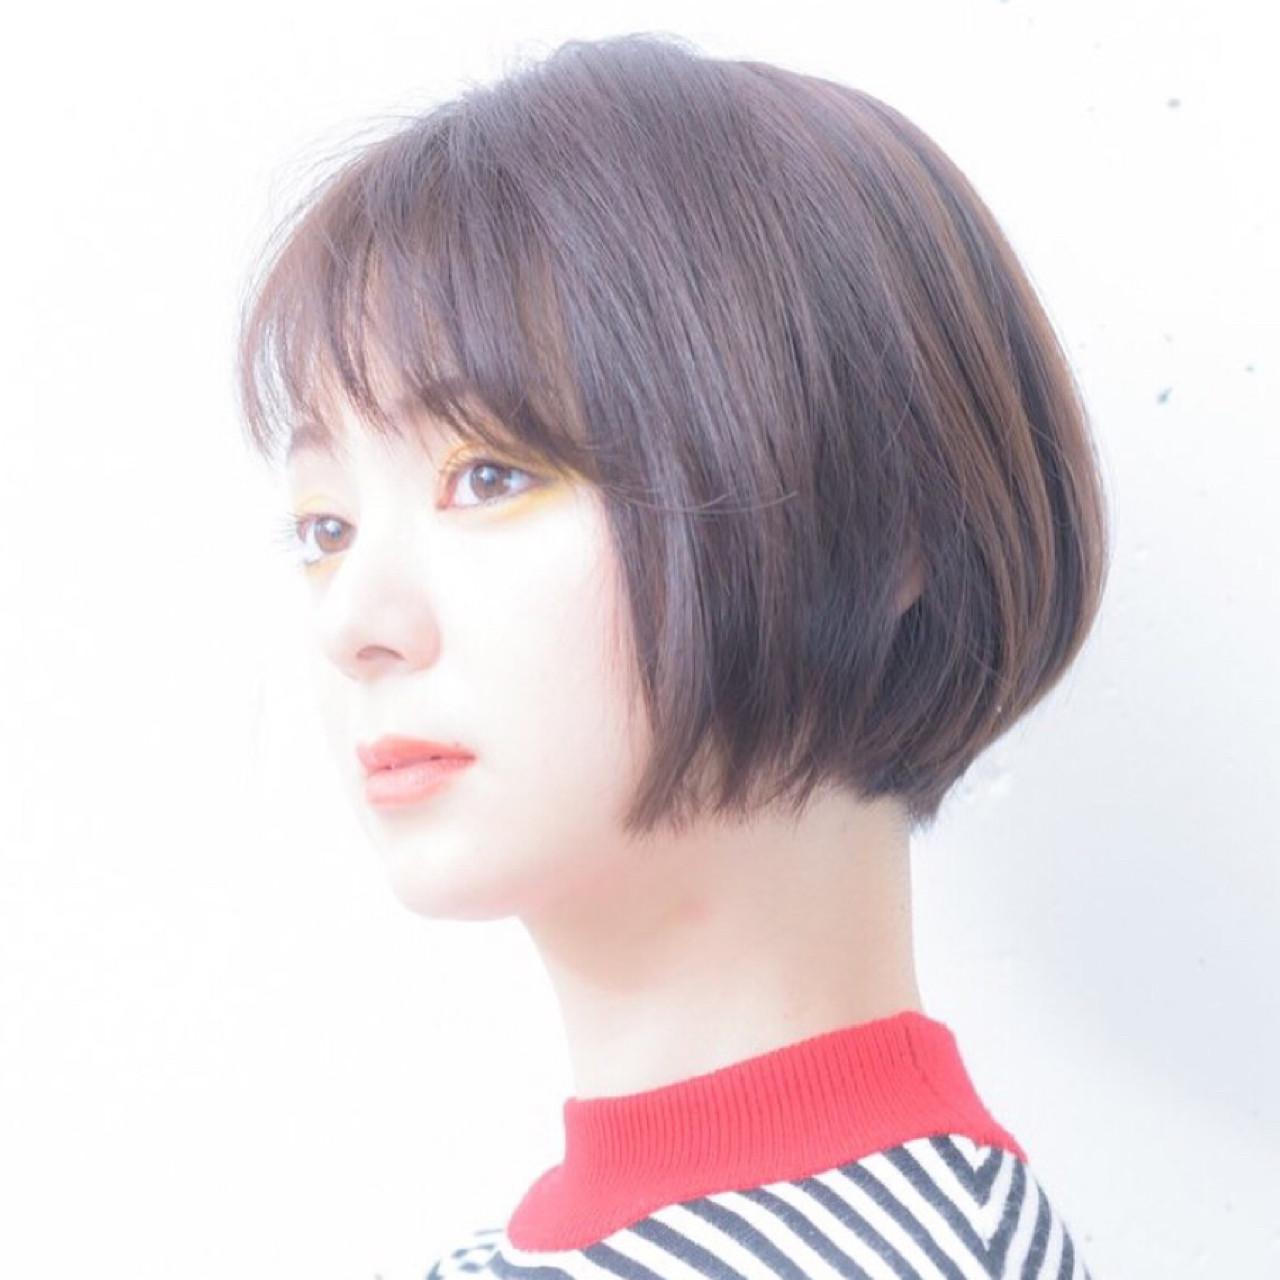 フェミニン かっこいい 大人女子 ナチュラル ヘアスタイルや髪型の写真・画像 | hair salon ing 一柳 紀子 / hair salon ing (ヘア サロン イング)